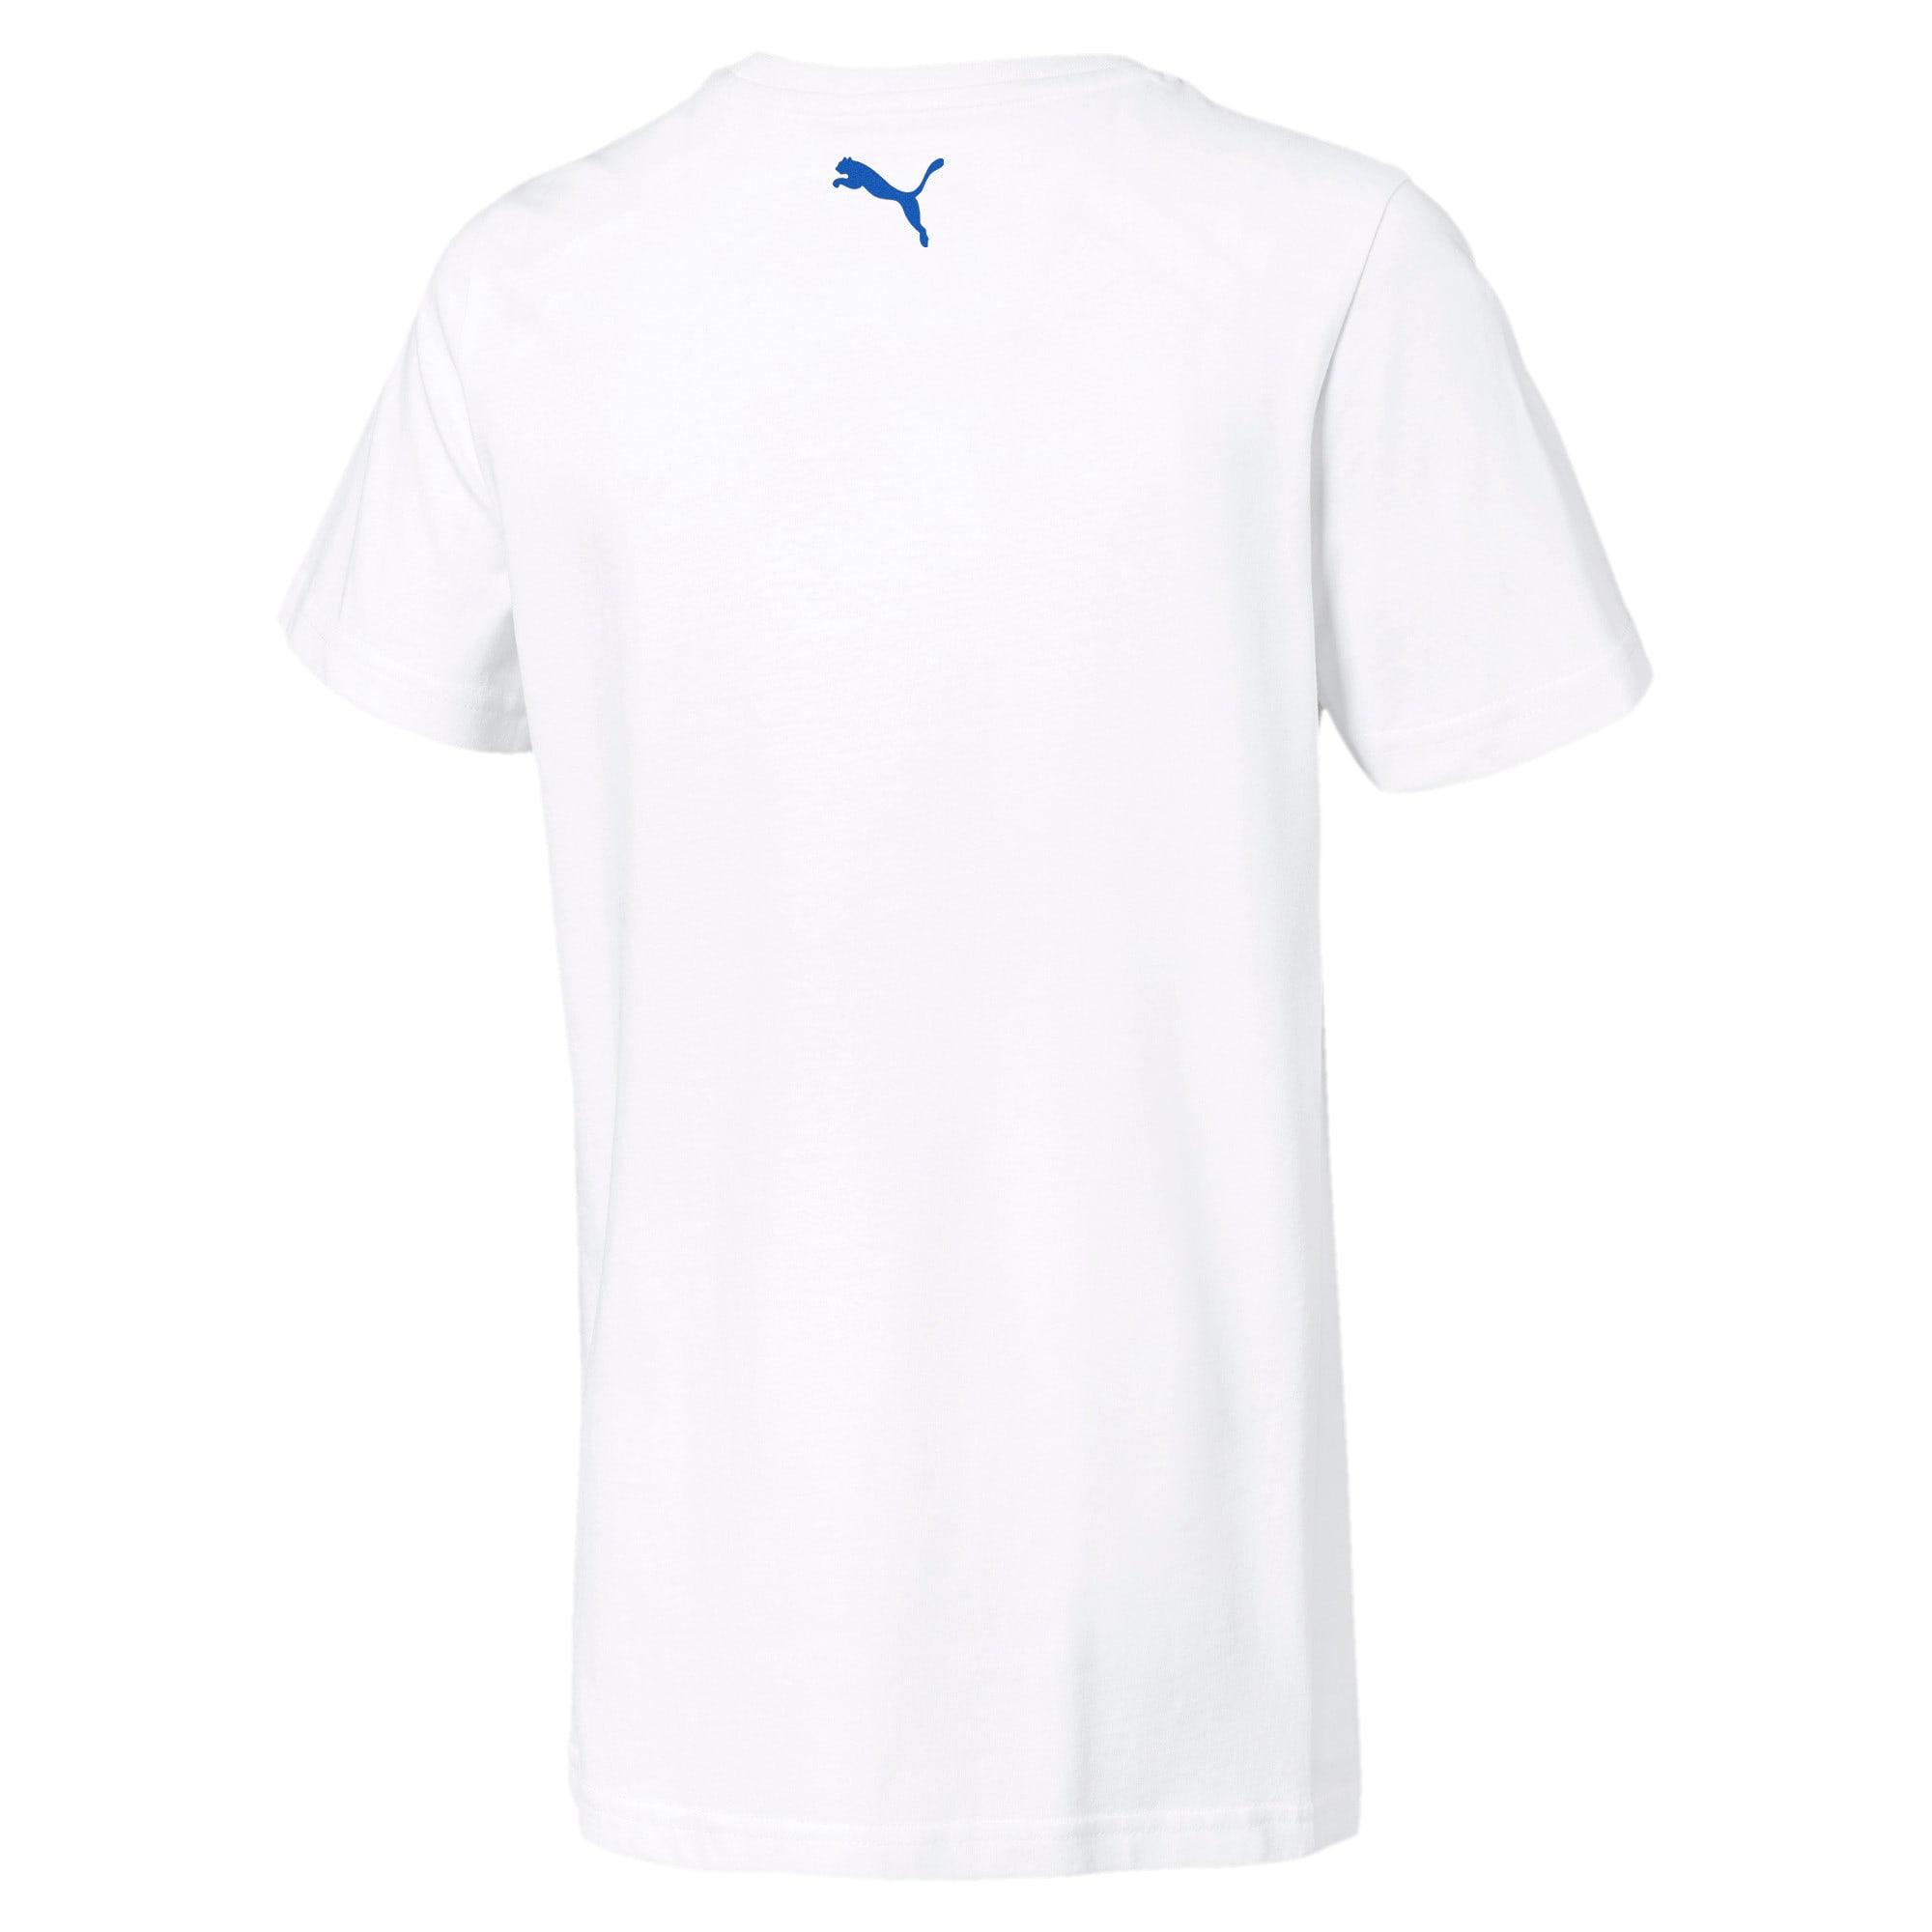 Thumbnail 2 of キッズ ALPHA SS グラフィック Tシャツ 半袖, Puma White, medium-JPN